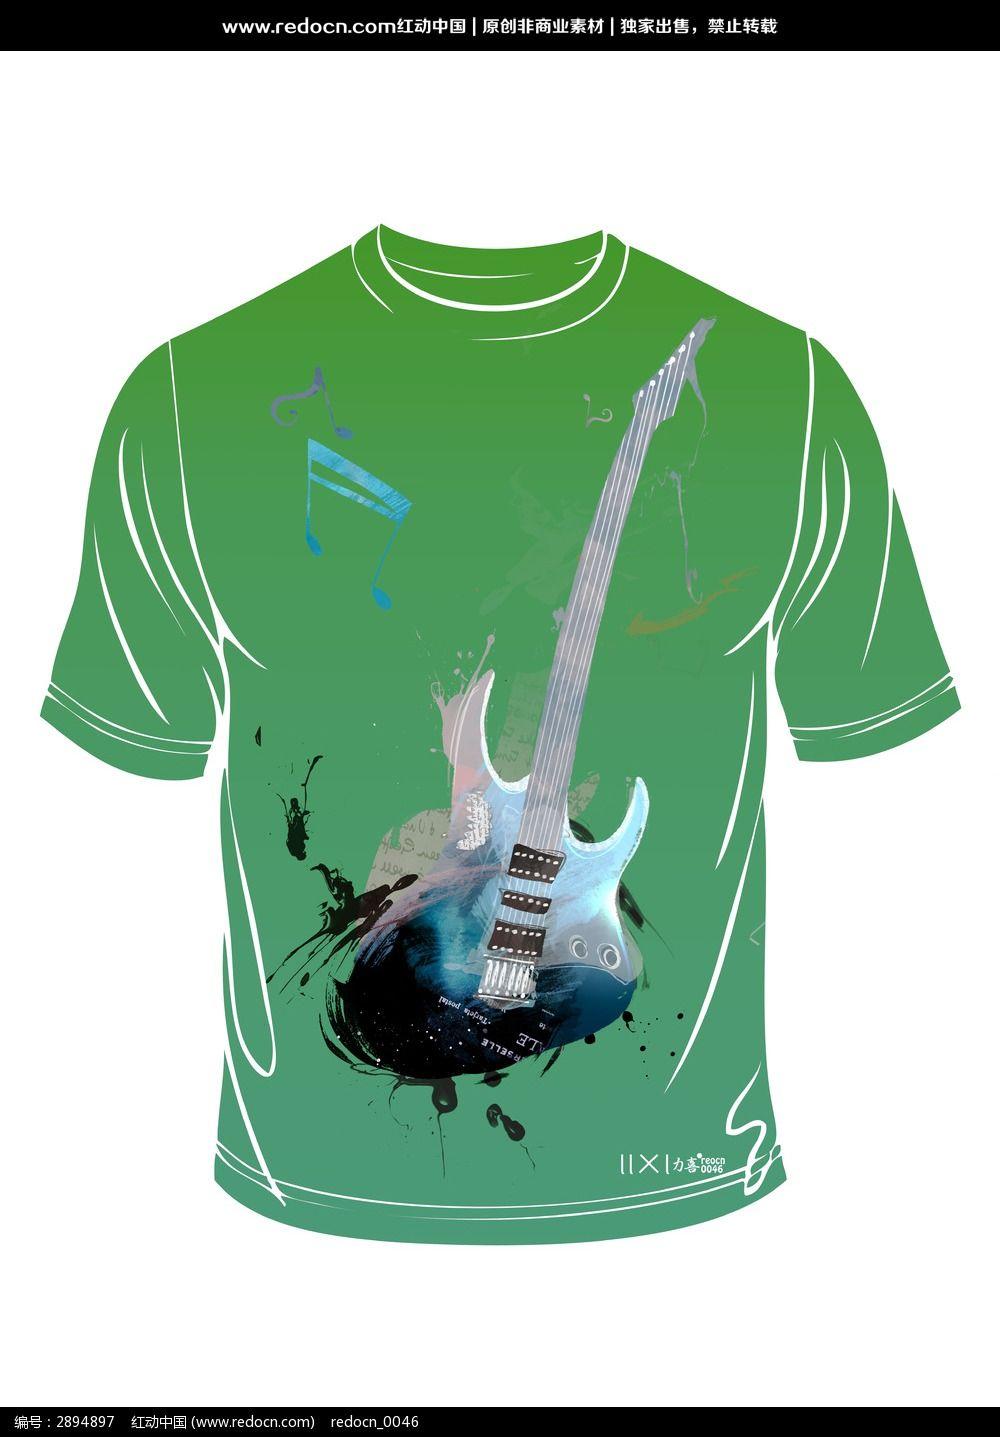 动感吉他t恤印花图案图片